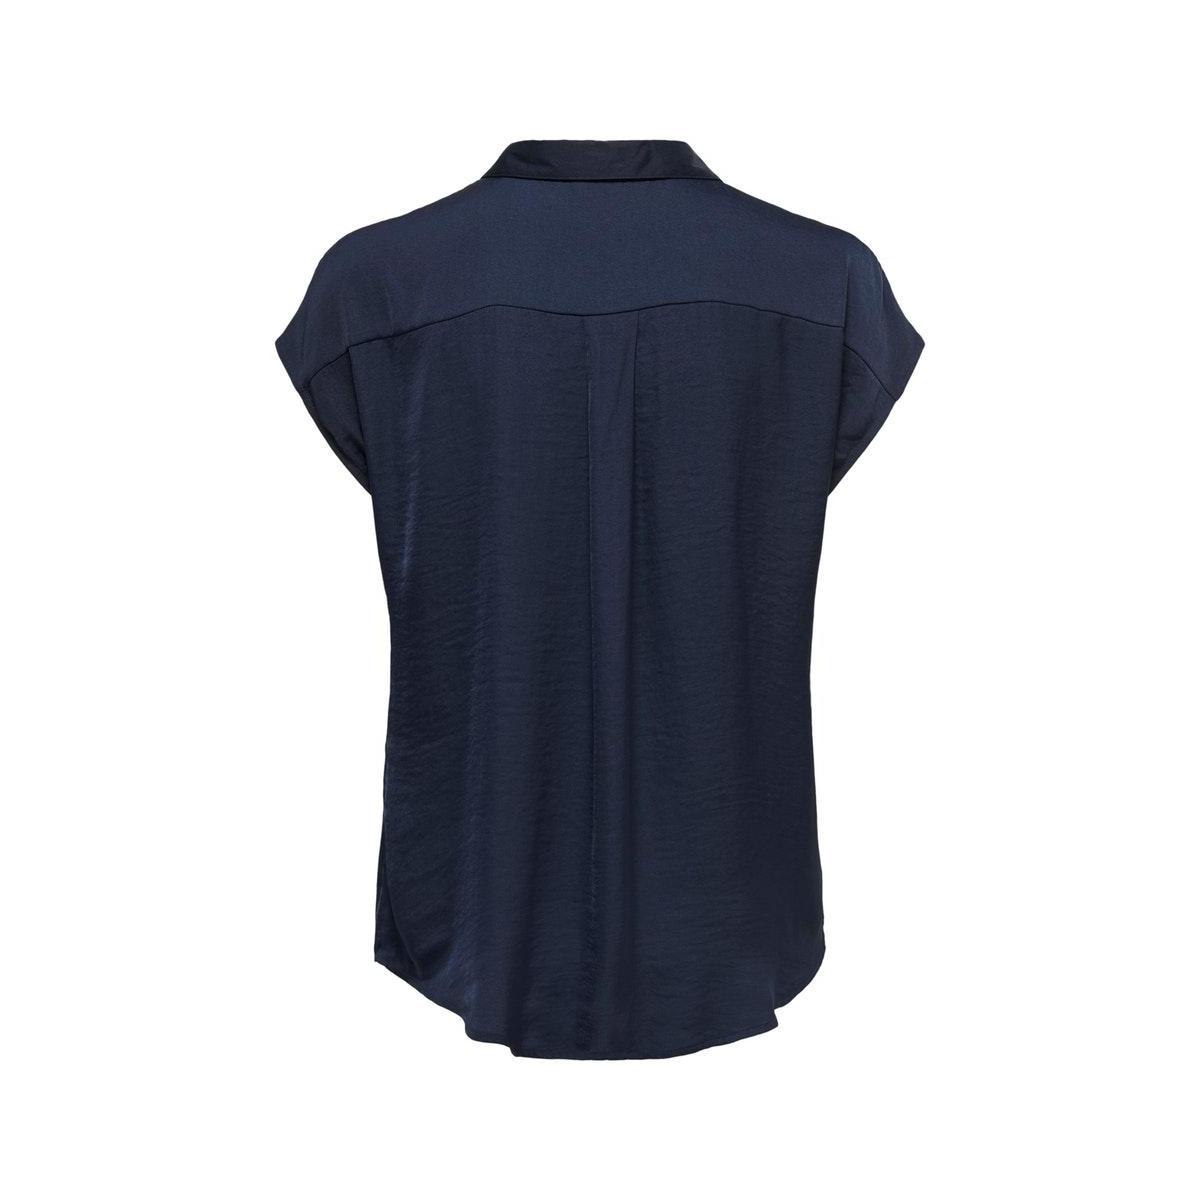 jdysheela s/s shirt wvn 15196788 jacqueline de yong blouse sky captain